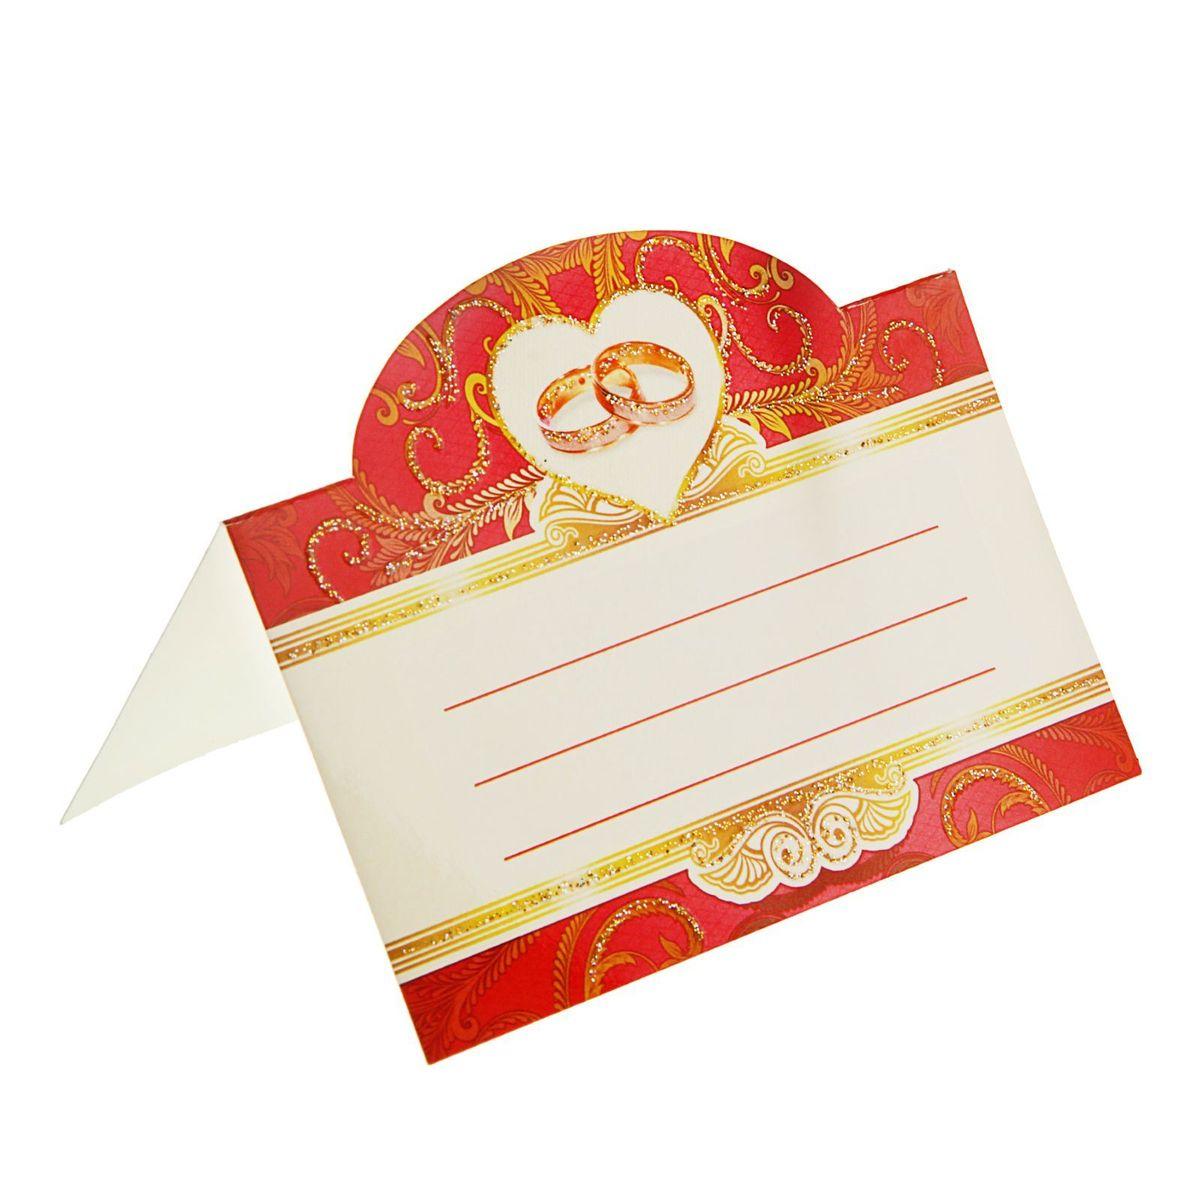 Карточка банкетная Sima-land540186Красиво оформленный свадебный стол - это эффектное, неординарное и очень значимое обрамление для проведения любого запланированного вами торжества. Банкетная карточка Sima-land - это красивое и оригинальное украшение зала, которое дополнит выдержанный стиль мероприятия и передаст праздничное настроение вам и вашим гостям.